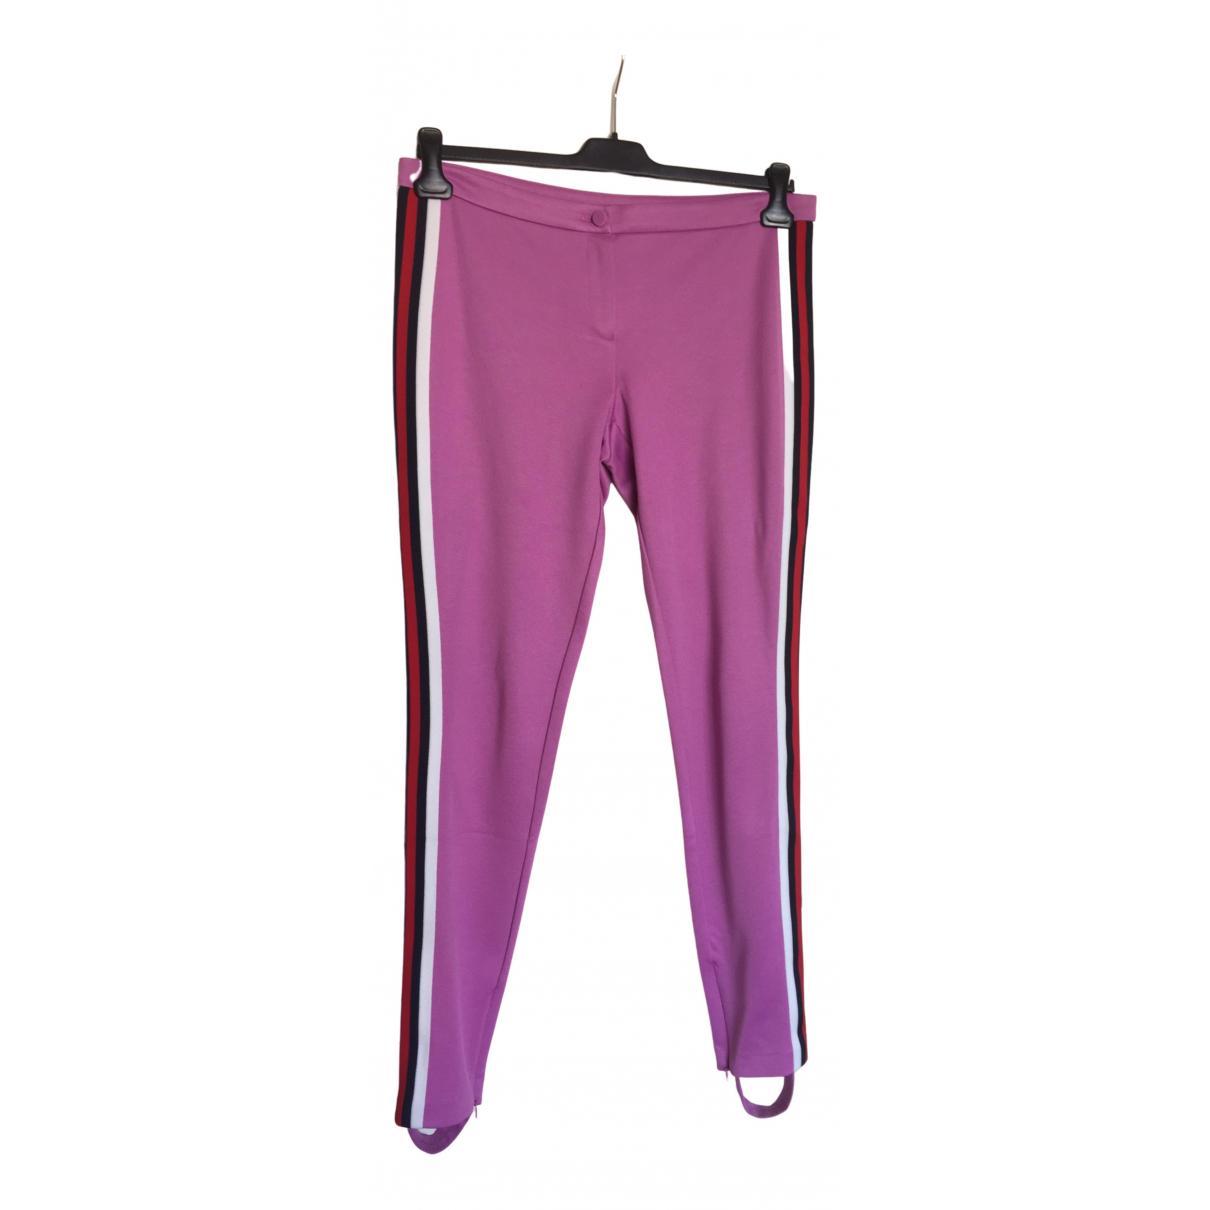 Gucci - Pantalon   pour femme - rose